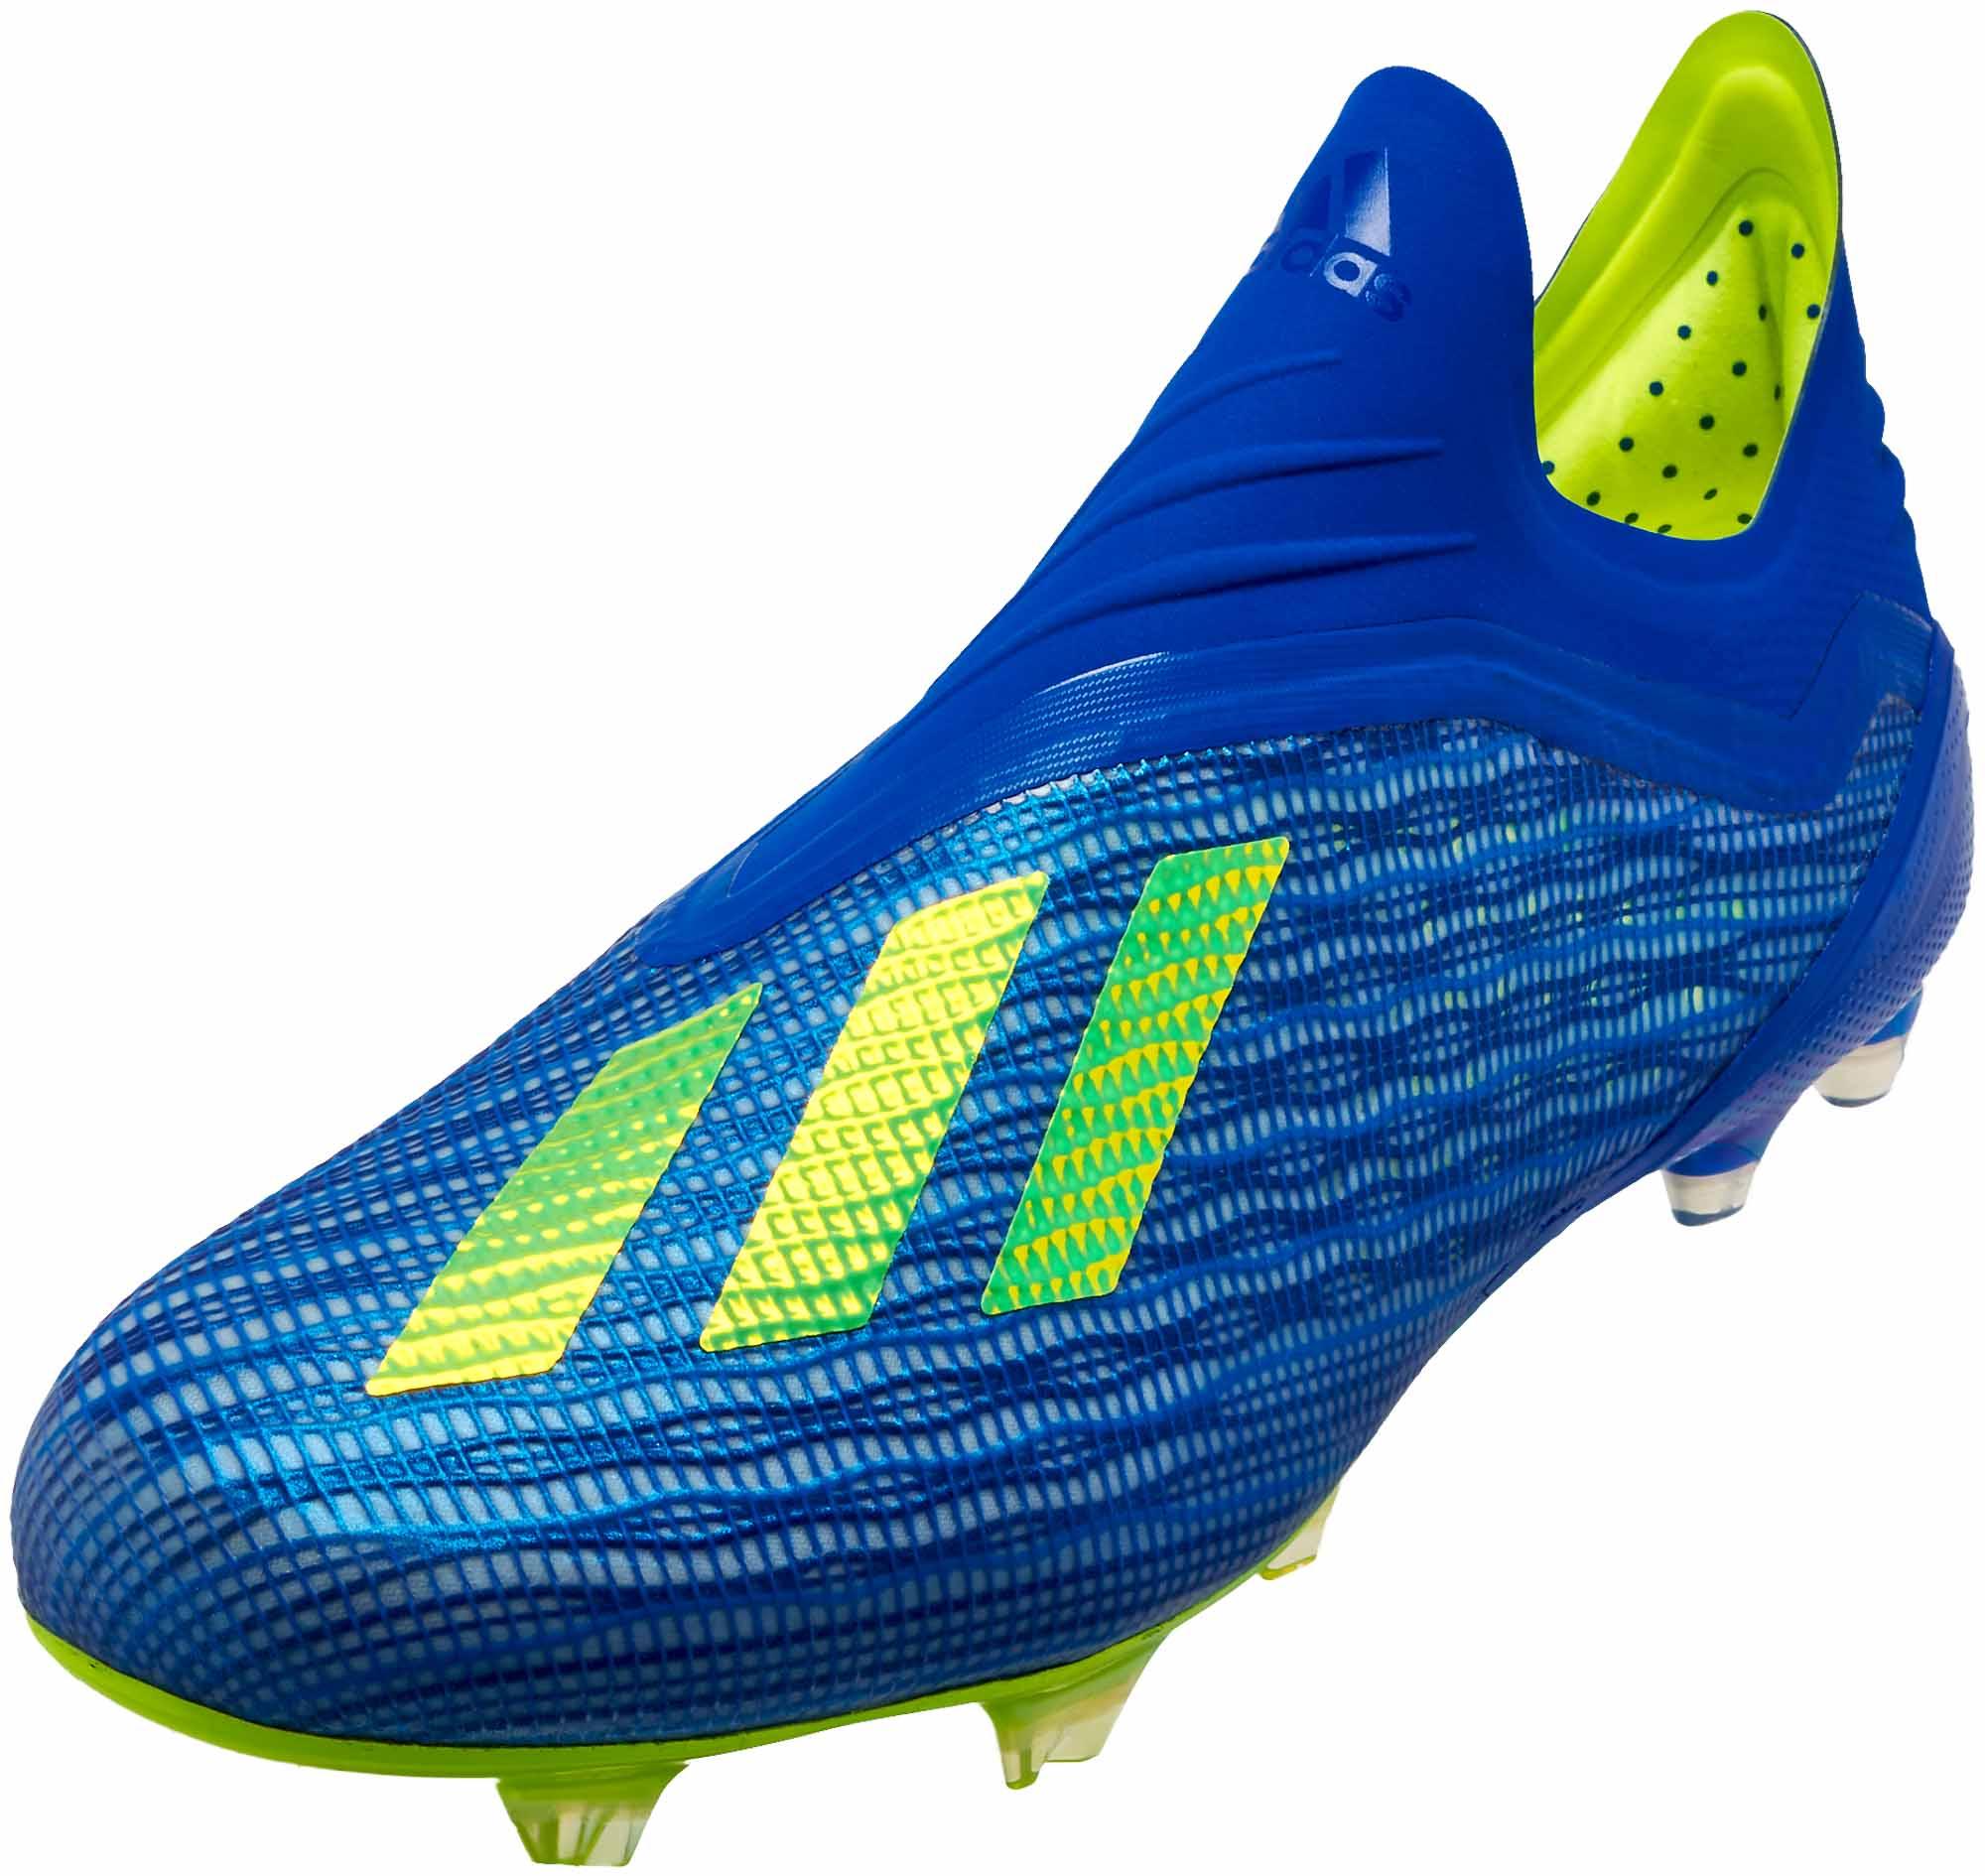 quality design 85604 82f7a adidas X 18+ FG – Football Blue Solar Yellow Black